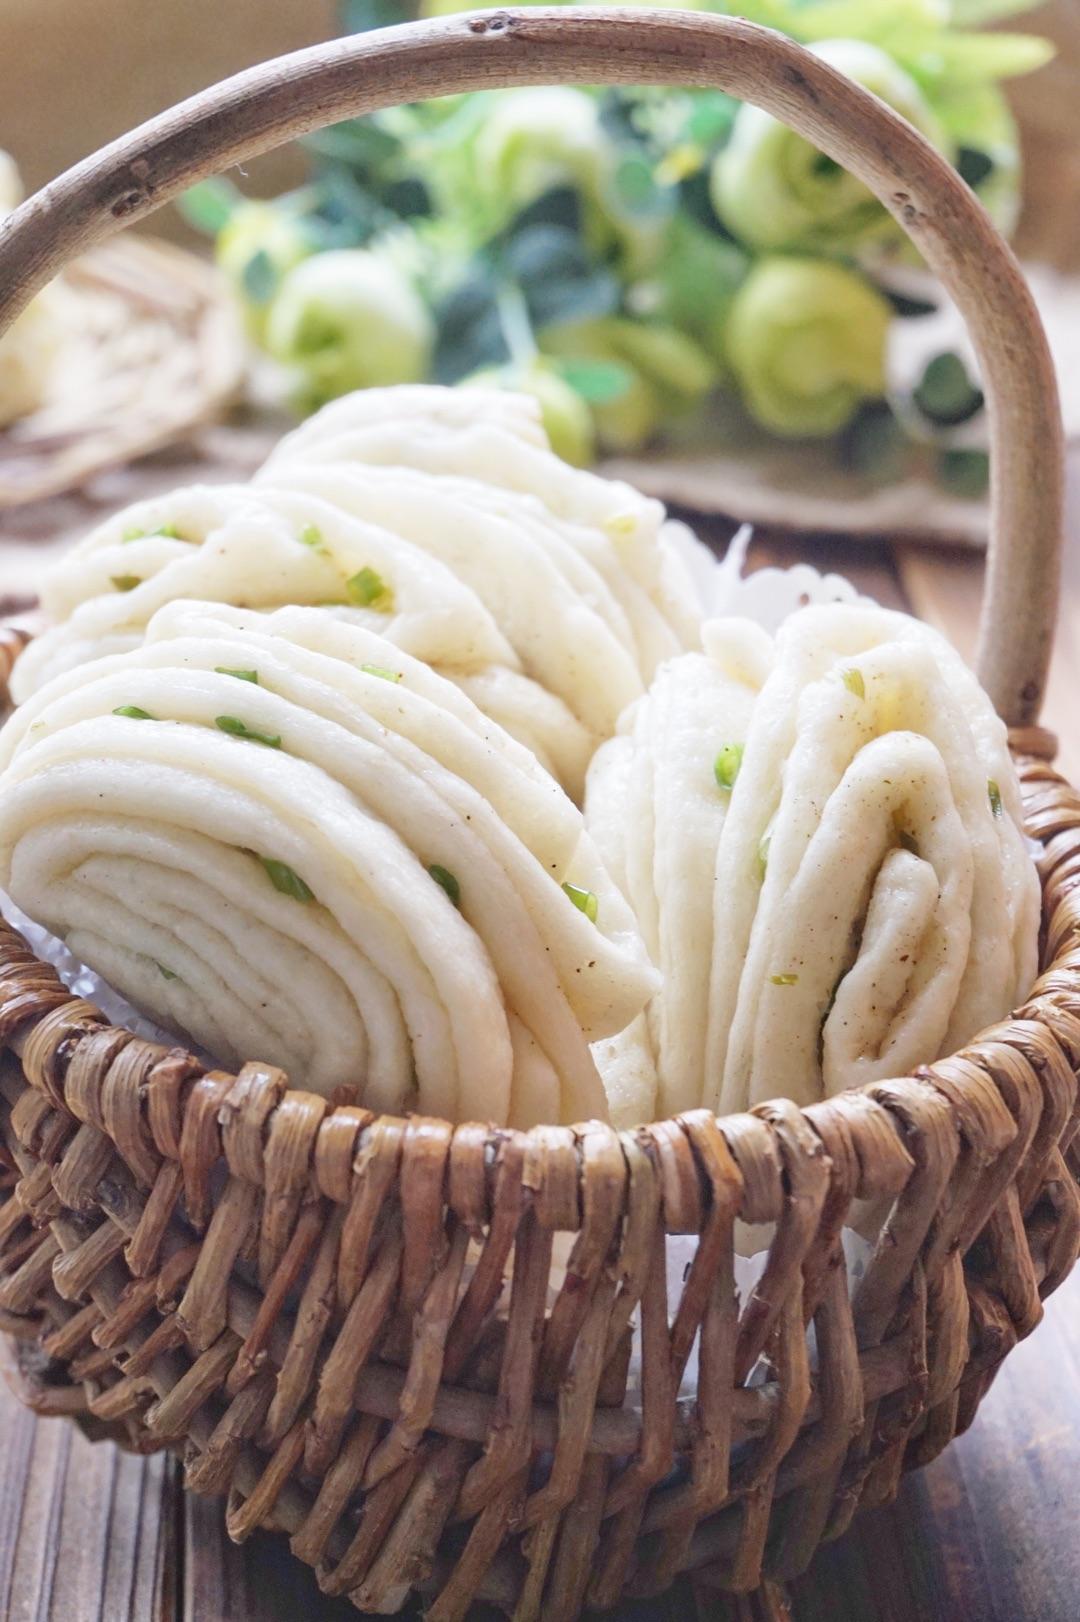 蒸花卷的做法图解_葱香椒盐花卷怎么做_葱香椒盐花卷的做法_小黠大痴_豆果美食